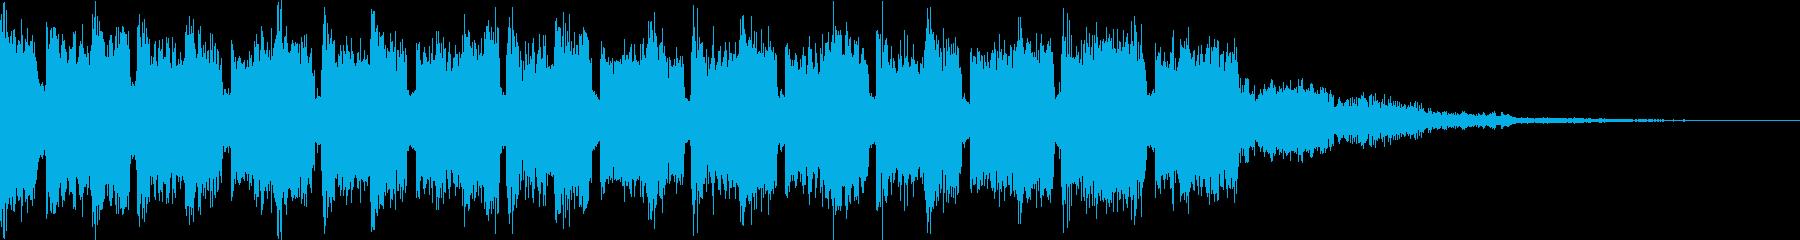 クラシック♪四季『春』のEDMジングル2の再生済みの波形